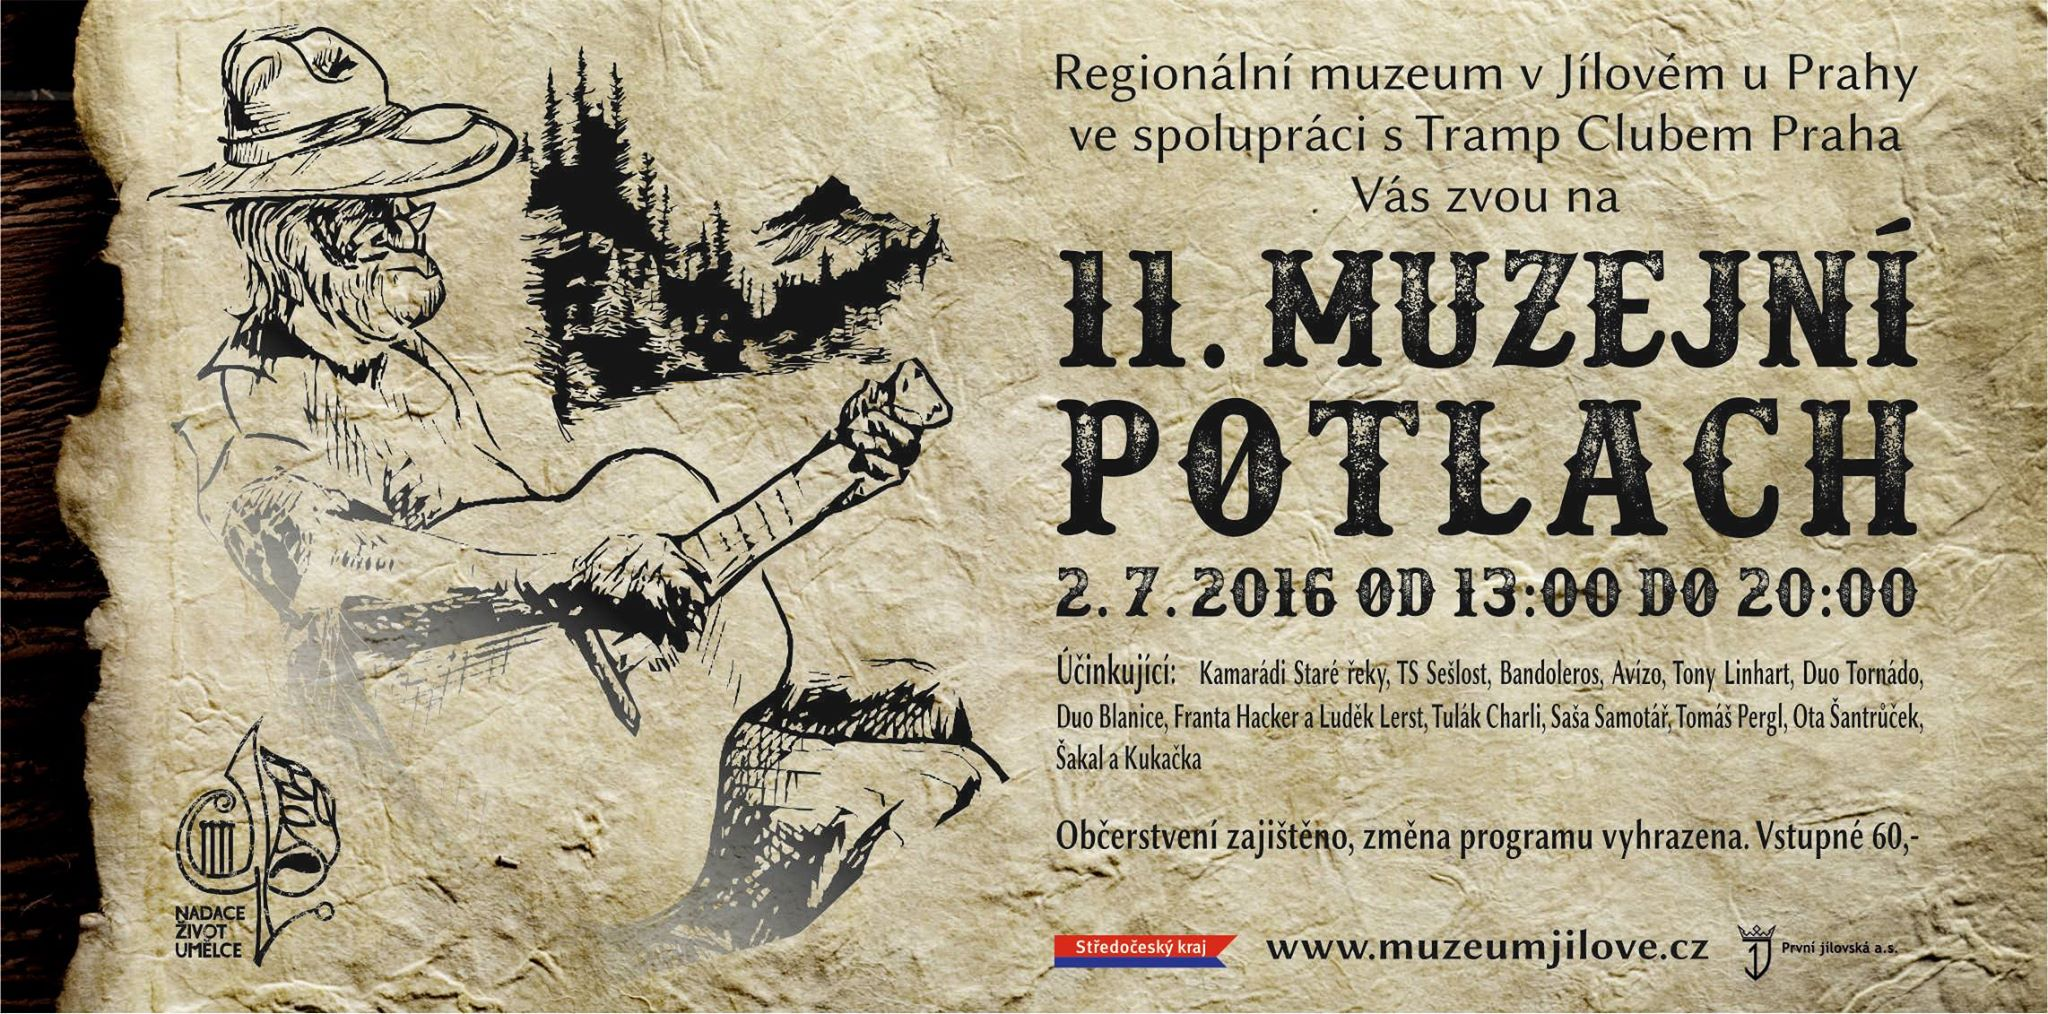 11.muzejnípotlach